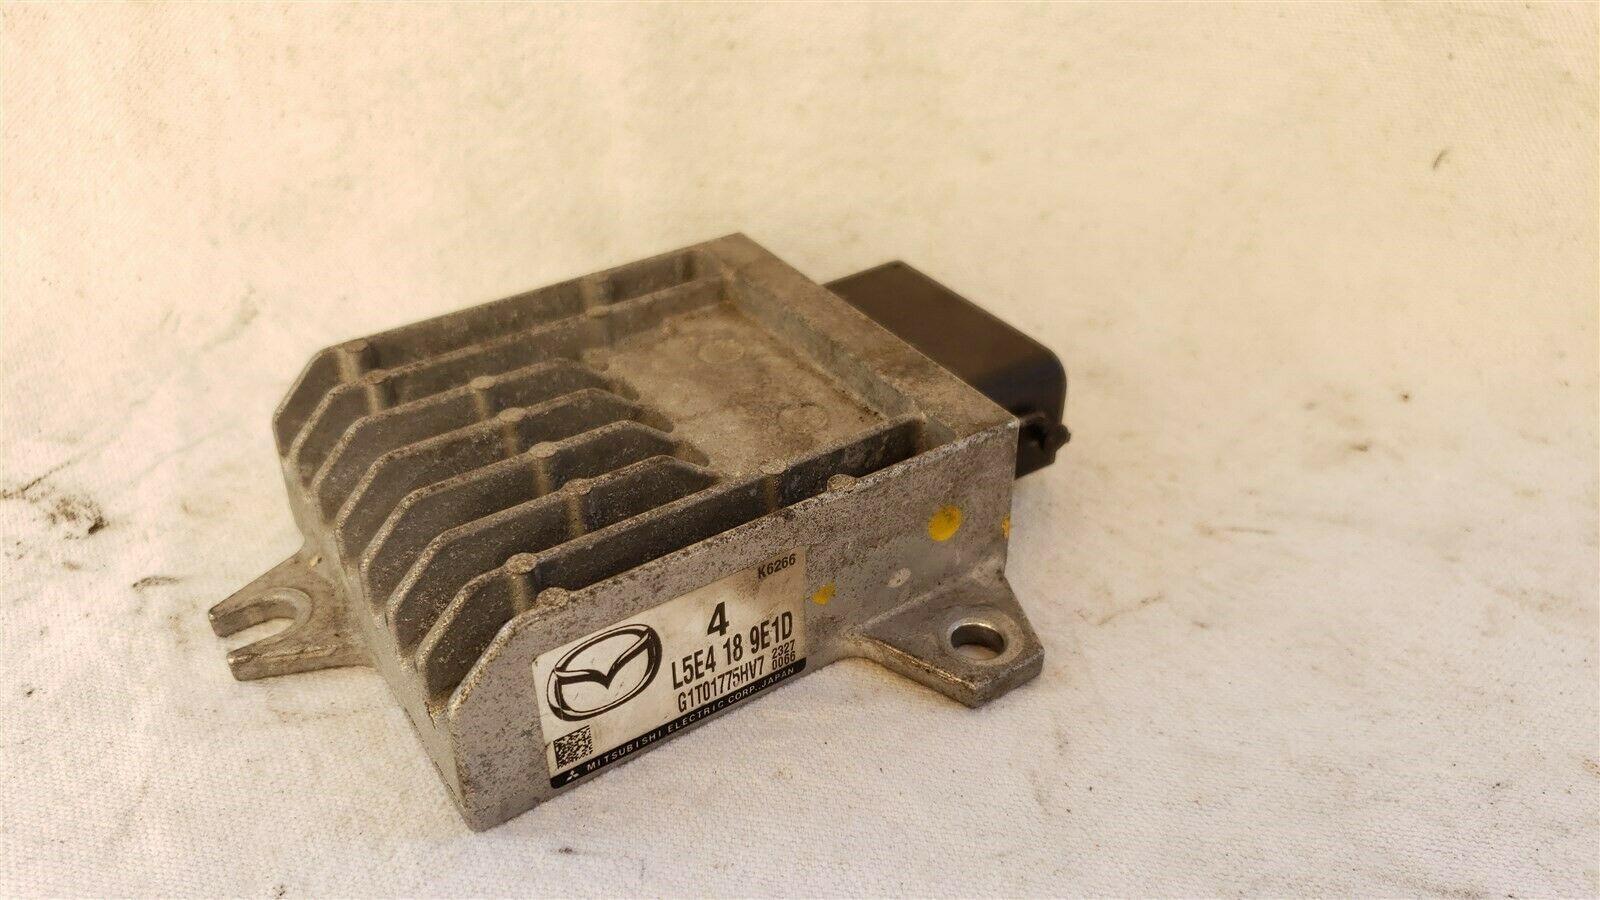 Mazda TCM TCU Transmission Control Module Computer Unit L5E4 18 9E1D